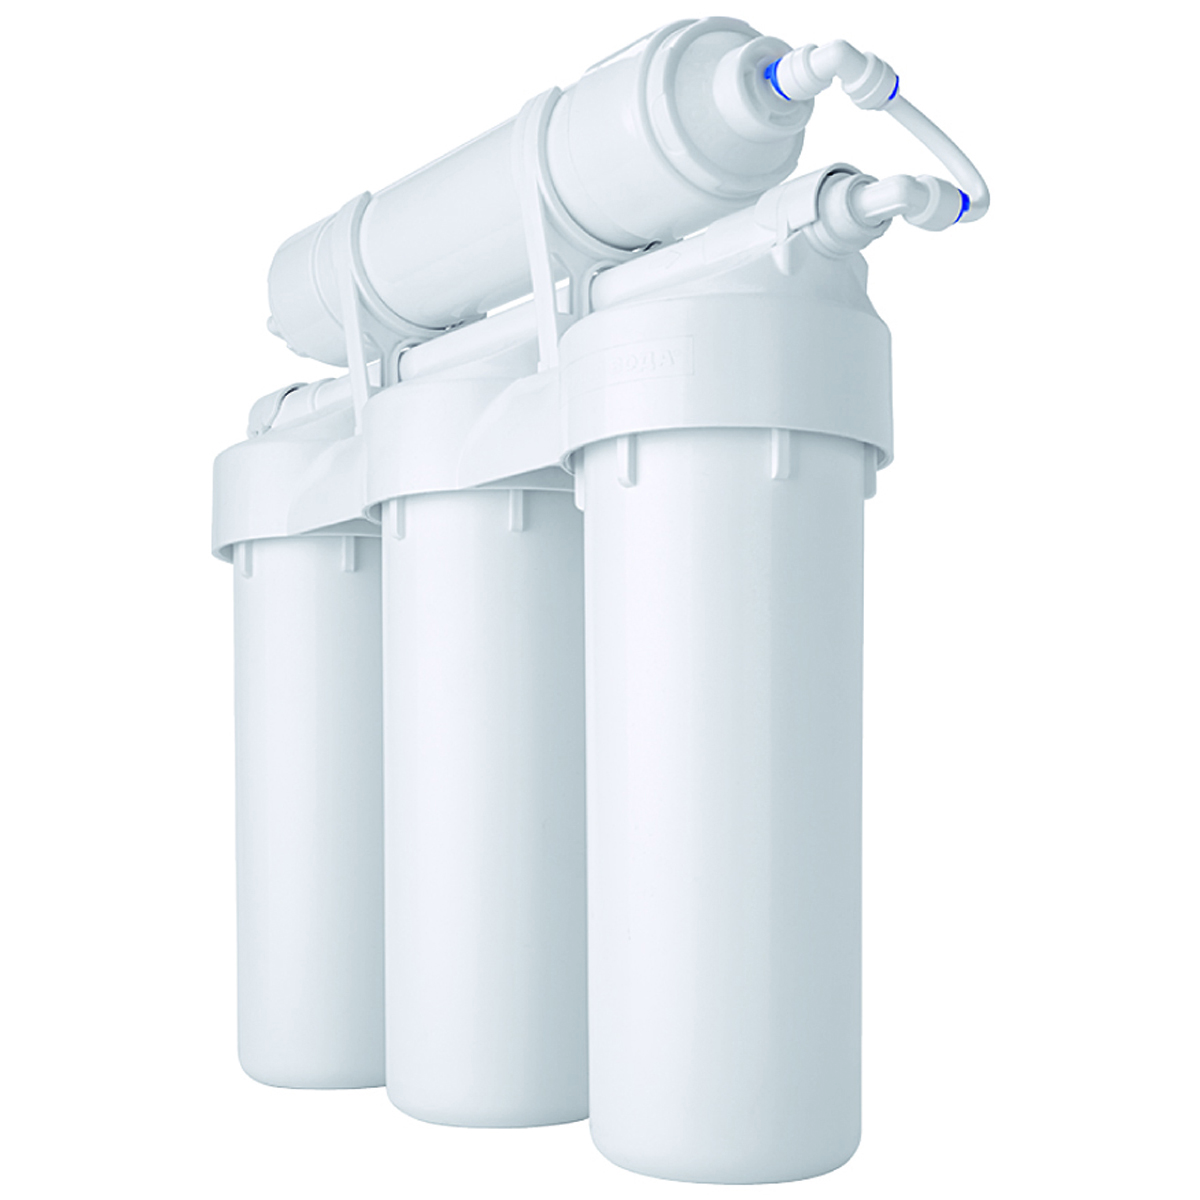 Водоочиститель Prio Praktic. EU312, с защитой от перепадов давленияBL505В новой линейке Praktic соединены проверенные временем традиционные решения на базе стандартных 10-дюймовых картриджей с современными техническими решениями 21 века и немецкими технологиями от компании Prio®.Фильтры серии Praktic превосходно очищают водопроводную воду от всех самых опасных загрязнений, в том числе хлора и хлорной органики, механических примесей, канцерогенов, тяжелых металлов и т.д., улучшают вкус воды, устраняют посторонние запахи. В результате воду можно пить без кипячения, готовить на её основе еду и напитки даже для грудных детей.Ключевые особенности фильтров серии Praktic, выгодно отличающие их от большинства систем других производителей:- благодаря армированному корпусу и увеличенному количеству витков резьбы в местах соединения - выдерживают максимальное ударное давление до 28 атм, 100 тыс гидроударов (по методике тестирования целостности согласно NSF 58)- цельнолитая «голова» исключает вероятные протечки в местах соединения- гасители гидроудара на входе и выходе повышают надежность в процессе эксплуатации- улучшенная засыпка картриджей от ведущих поставщиков США, Индонезии и Германии гарантирует прекрасное качество очистки на протяжении всего срока службы- гарантия 2 года- все заявленные показатели подтверждены независимым тестированием НИИ СантехникиТолько фильтры Praktic от компании Prio имеют уникальную возможность - расширяемость постфильтрами из старшей линейки Expert® (добавление 4-й, 5-й и т.д. ступеней очистки, в том числеультрафильтрации,шунгитаи др.), а также апгрейд до системы обратного осмоса с сохранением ранее вложенных инвестиций.Не зря данная серия фильтров -самое популярное решение для очистки водопроводной воды в квартире. Стандартизированные картриджи, простая схема подключения, широкий выбор моделей, недорогое и простое обслуживание делают данные фильтры прекрасным выбором.Производство в России на современном оборудовании под контролем немецких инжене